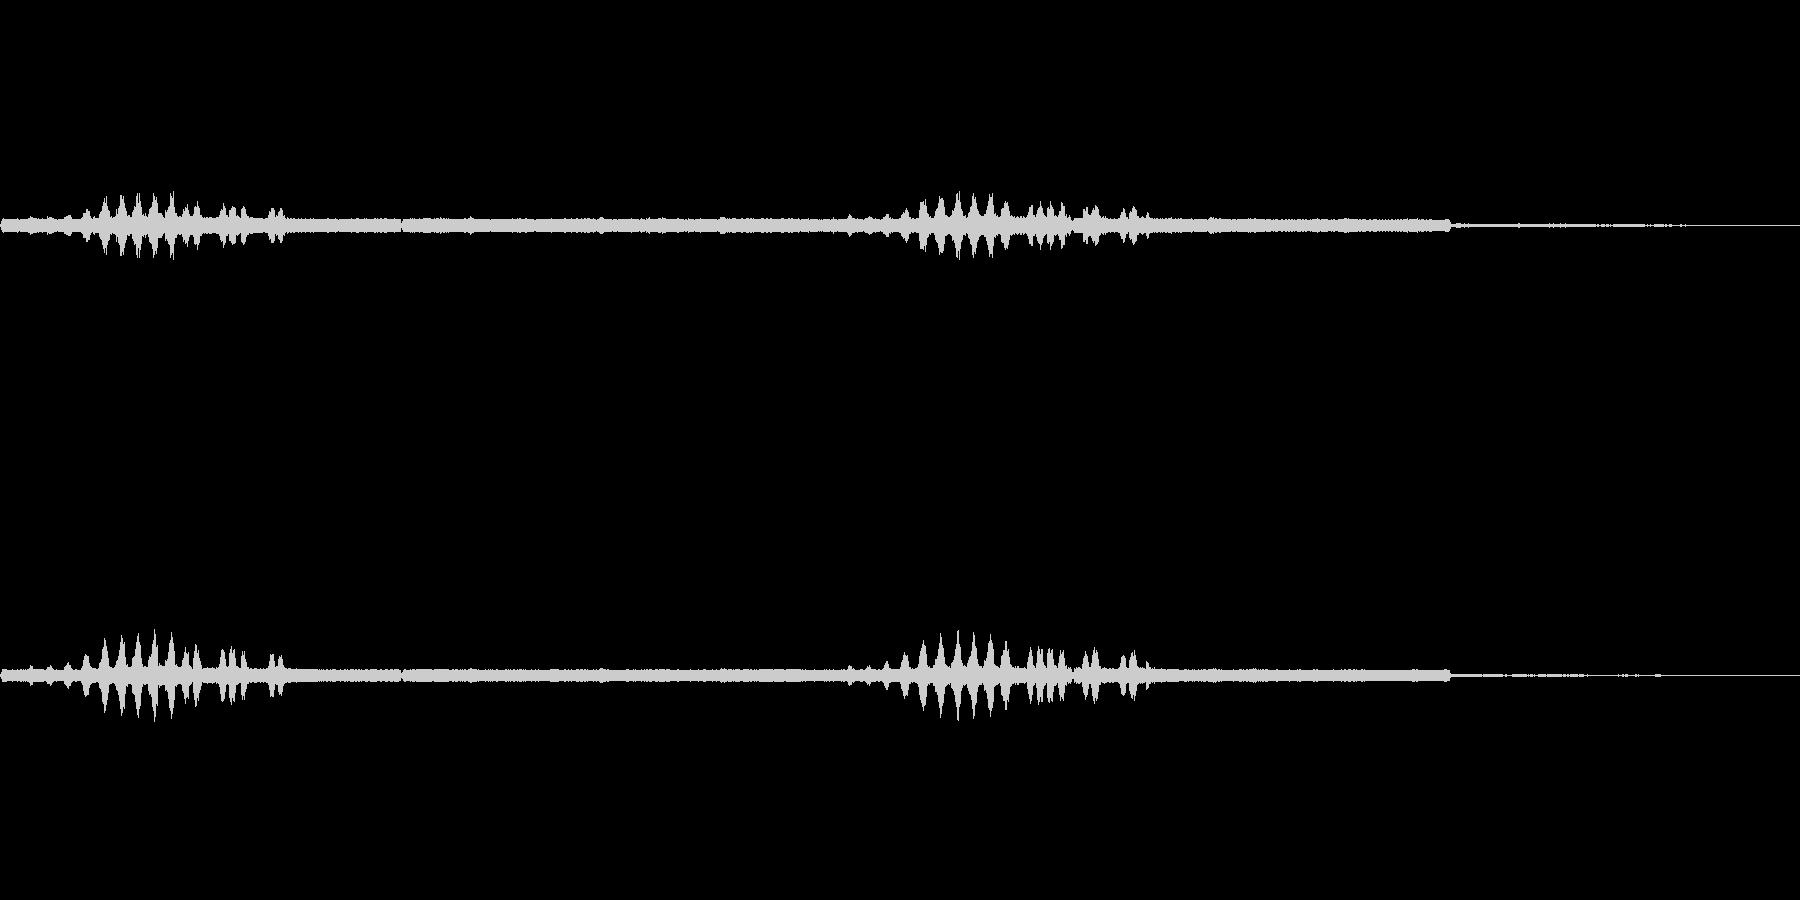 エンマコオロギの声2の未再生の波形